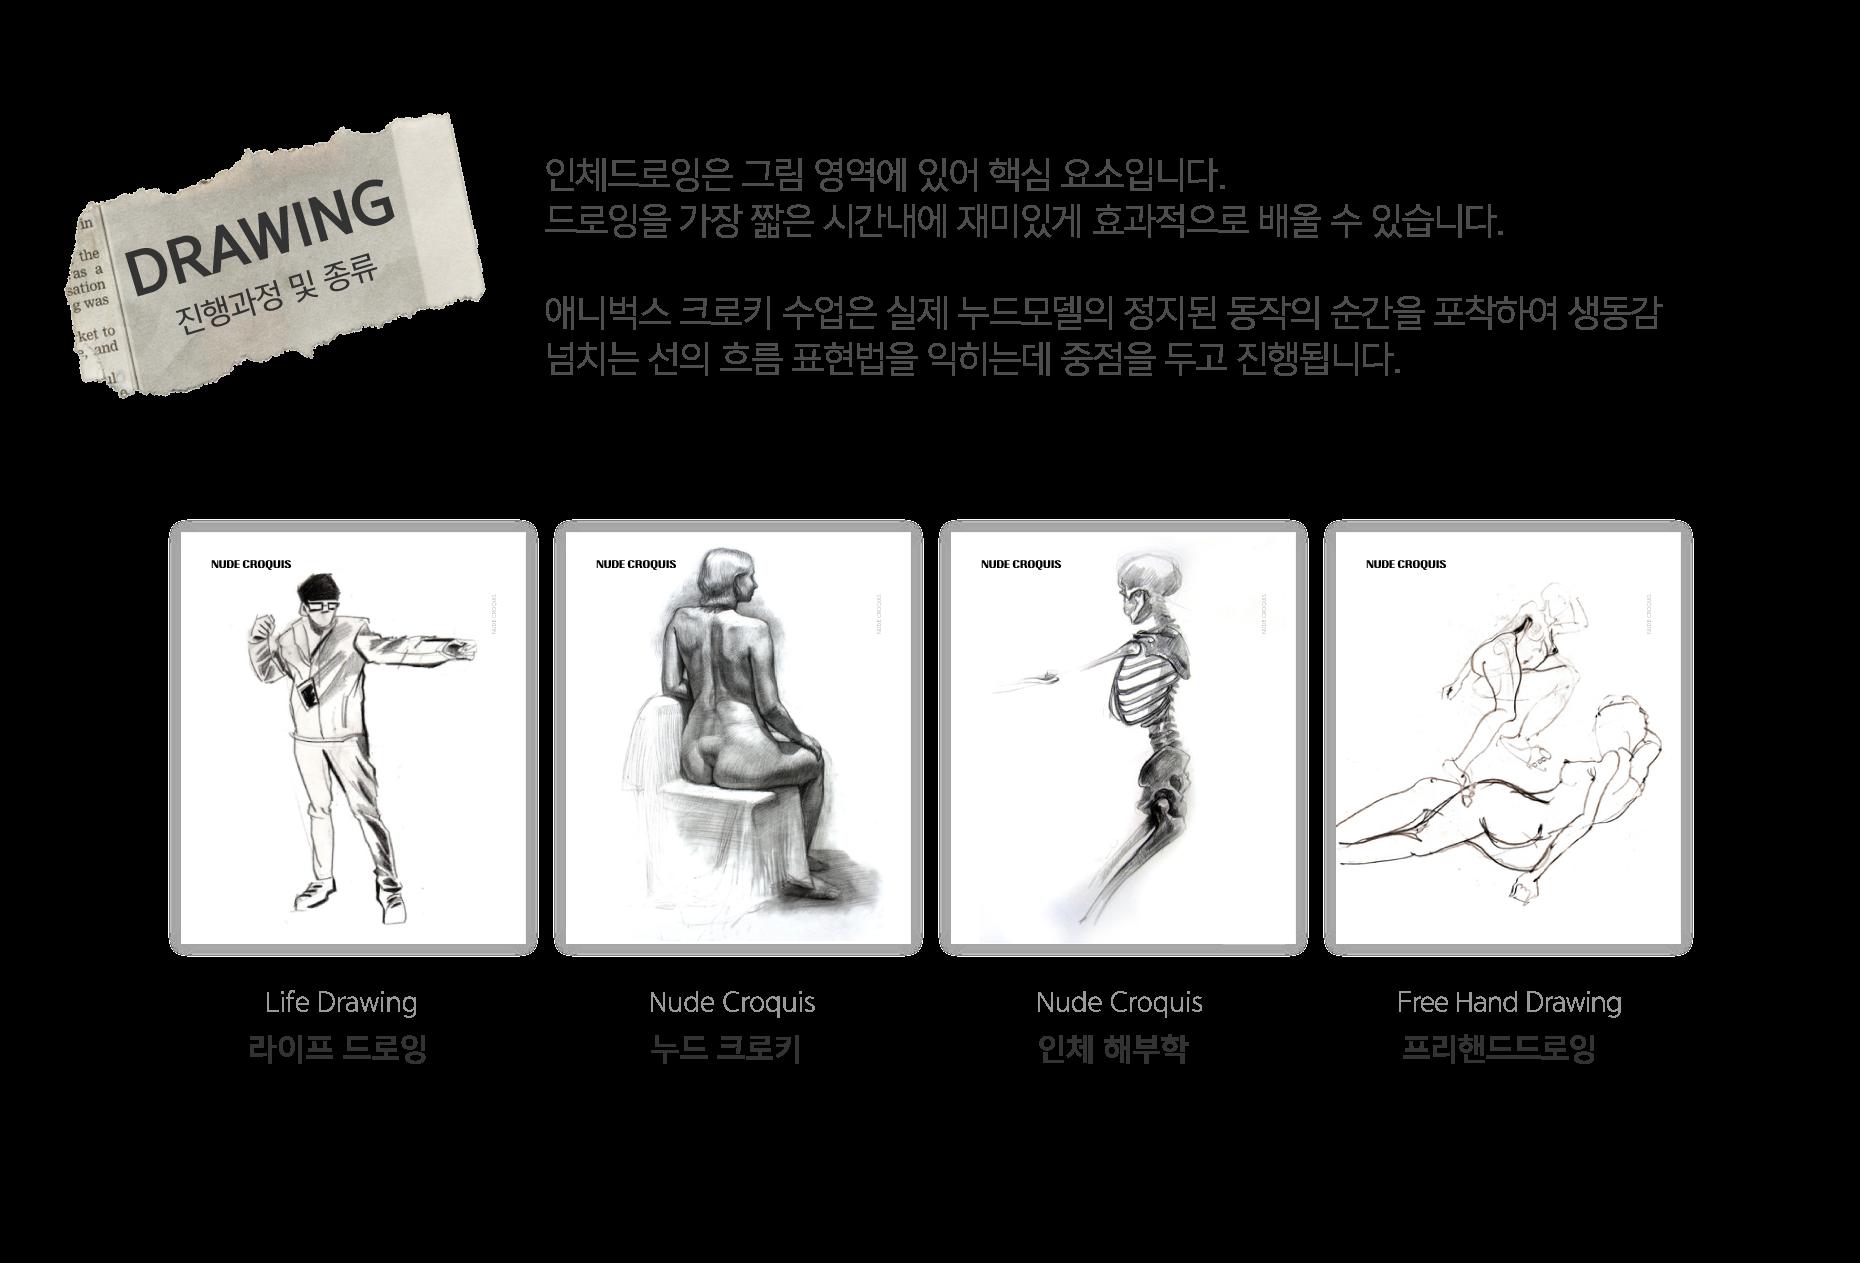 인체드로잉 진행과정 및 종류